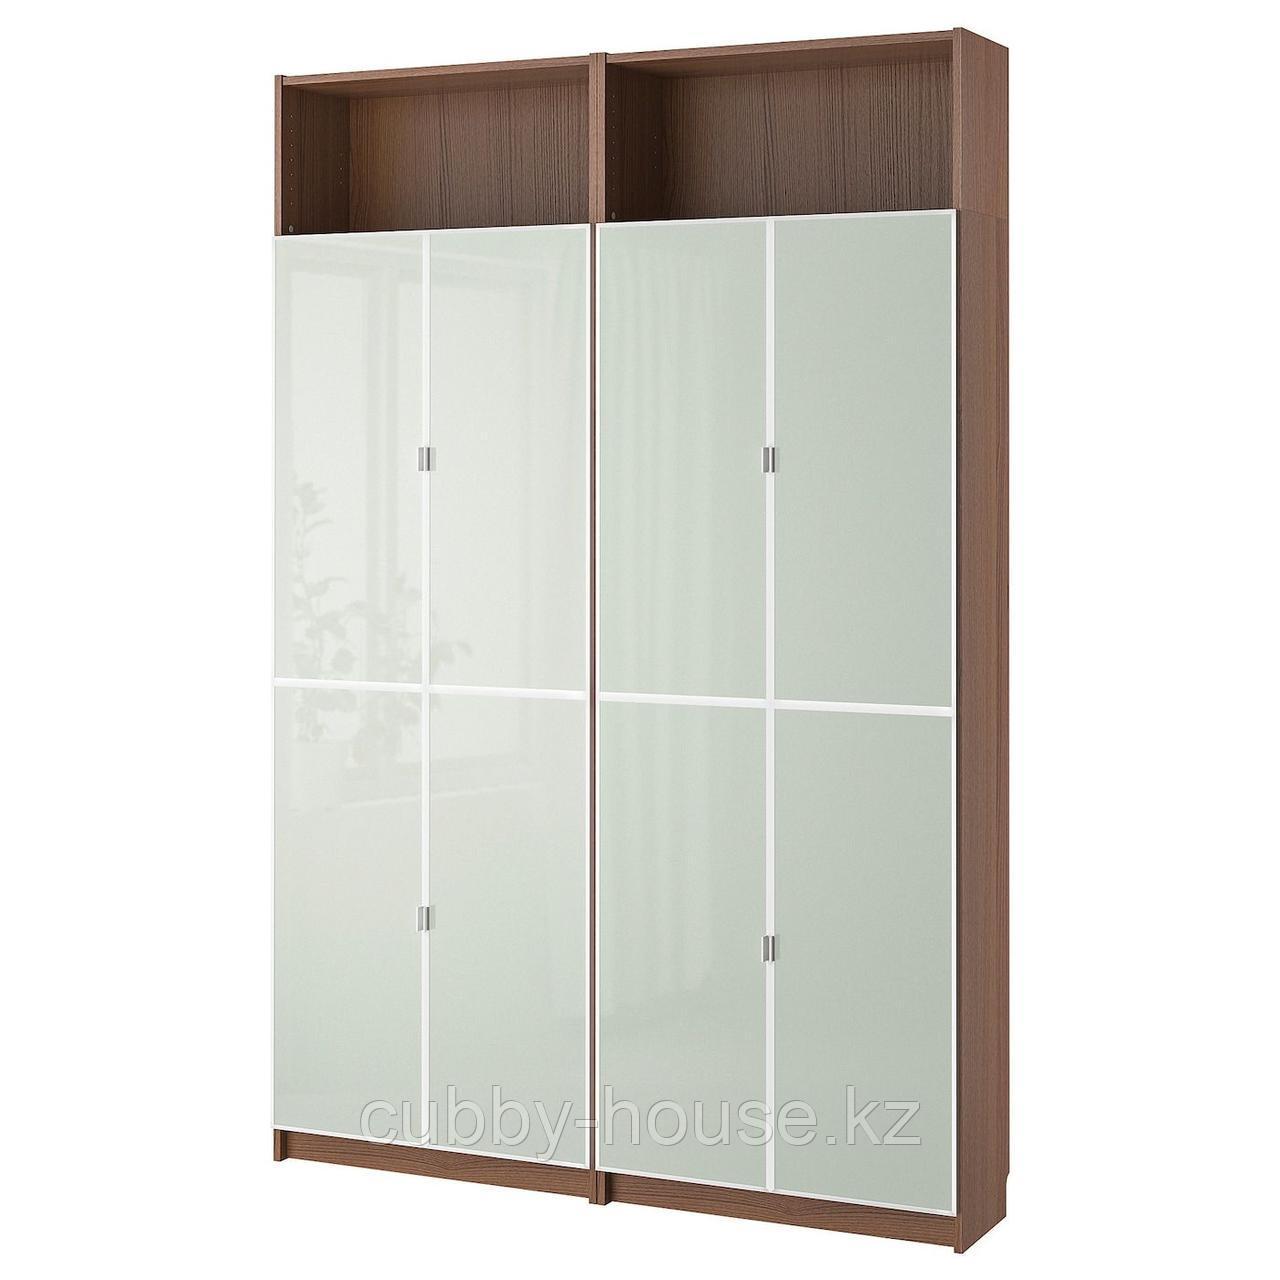 БИЛЛИ / МОРЛИДЕН Стеллаж, черно-коричневый, 160x30x237 см